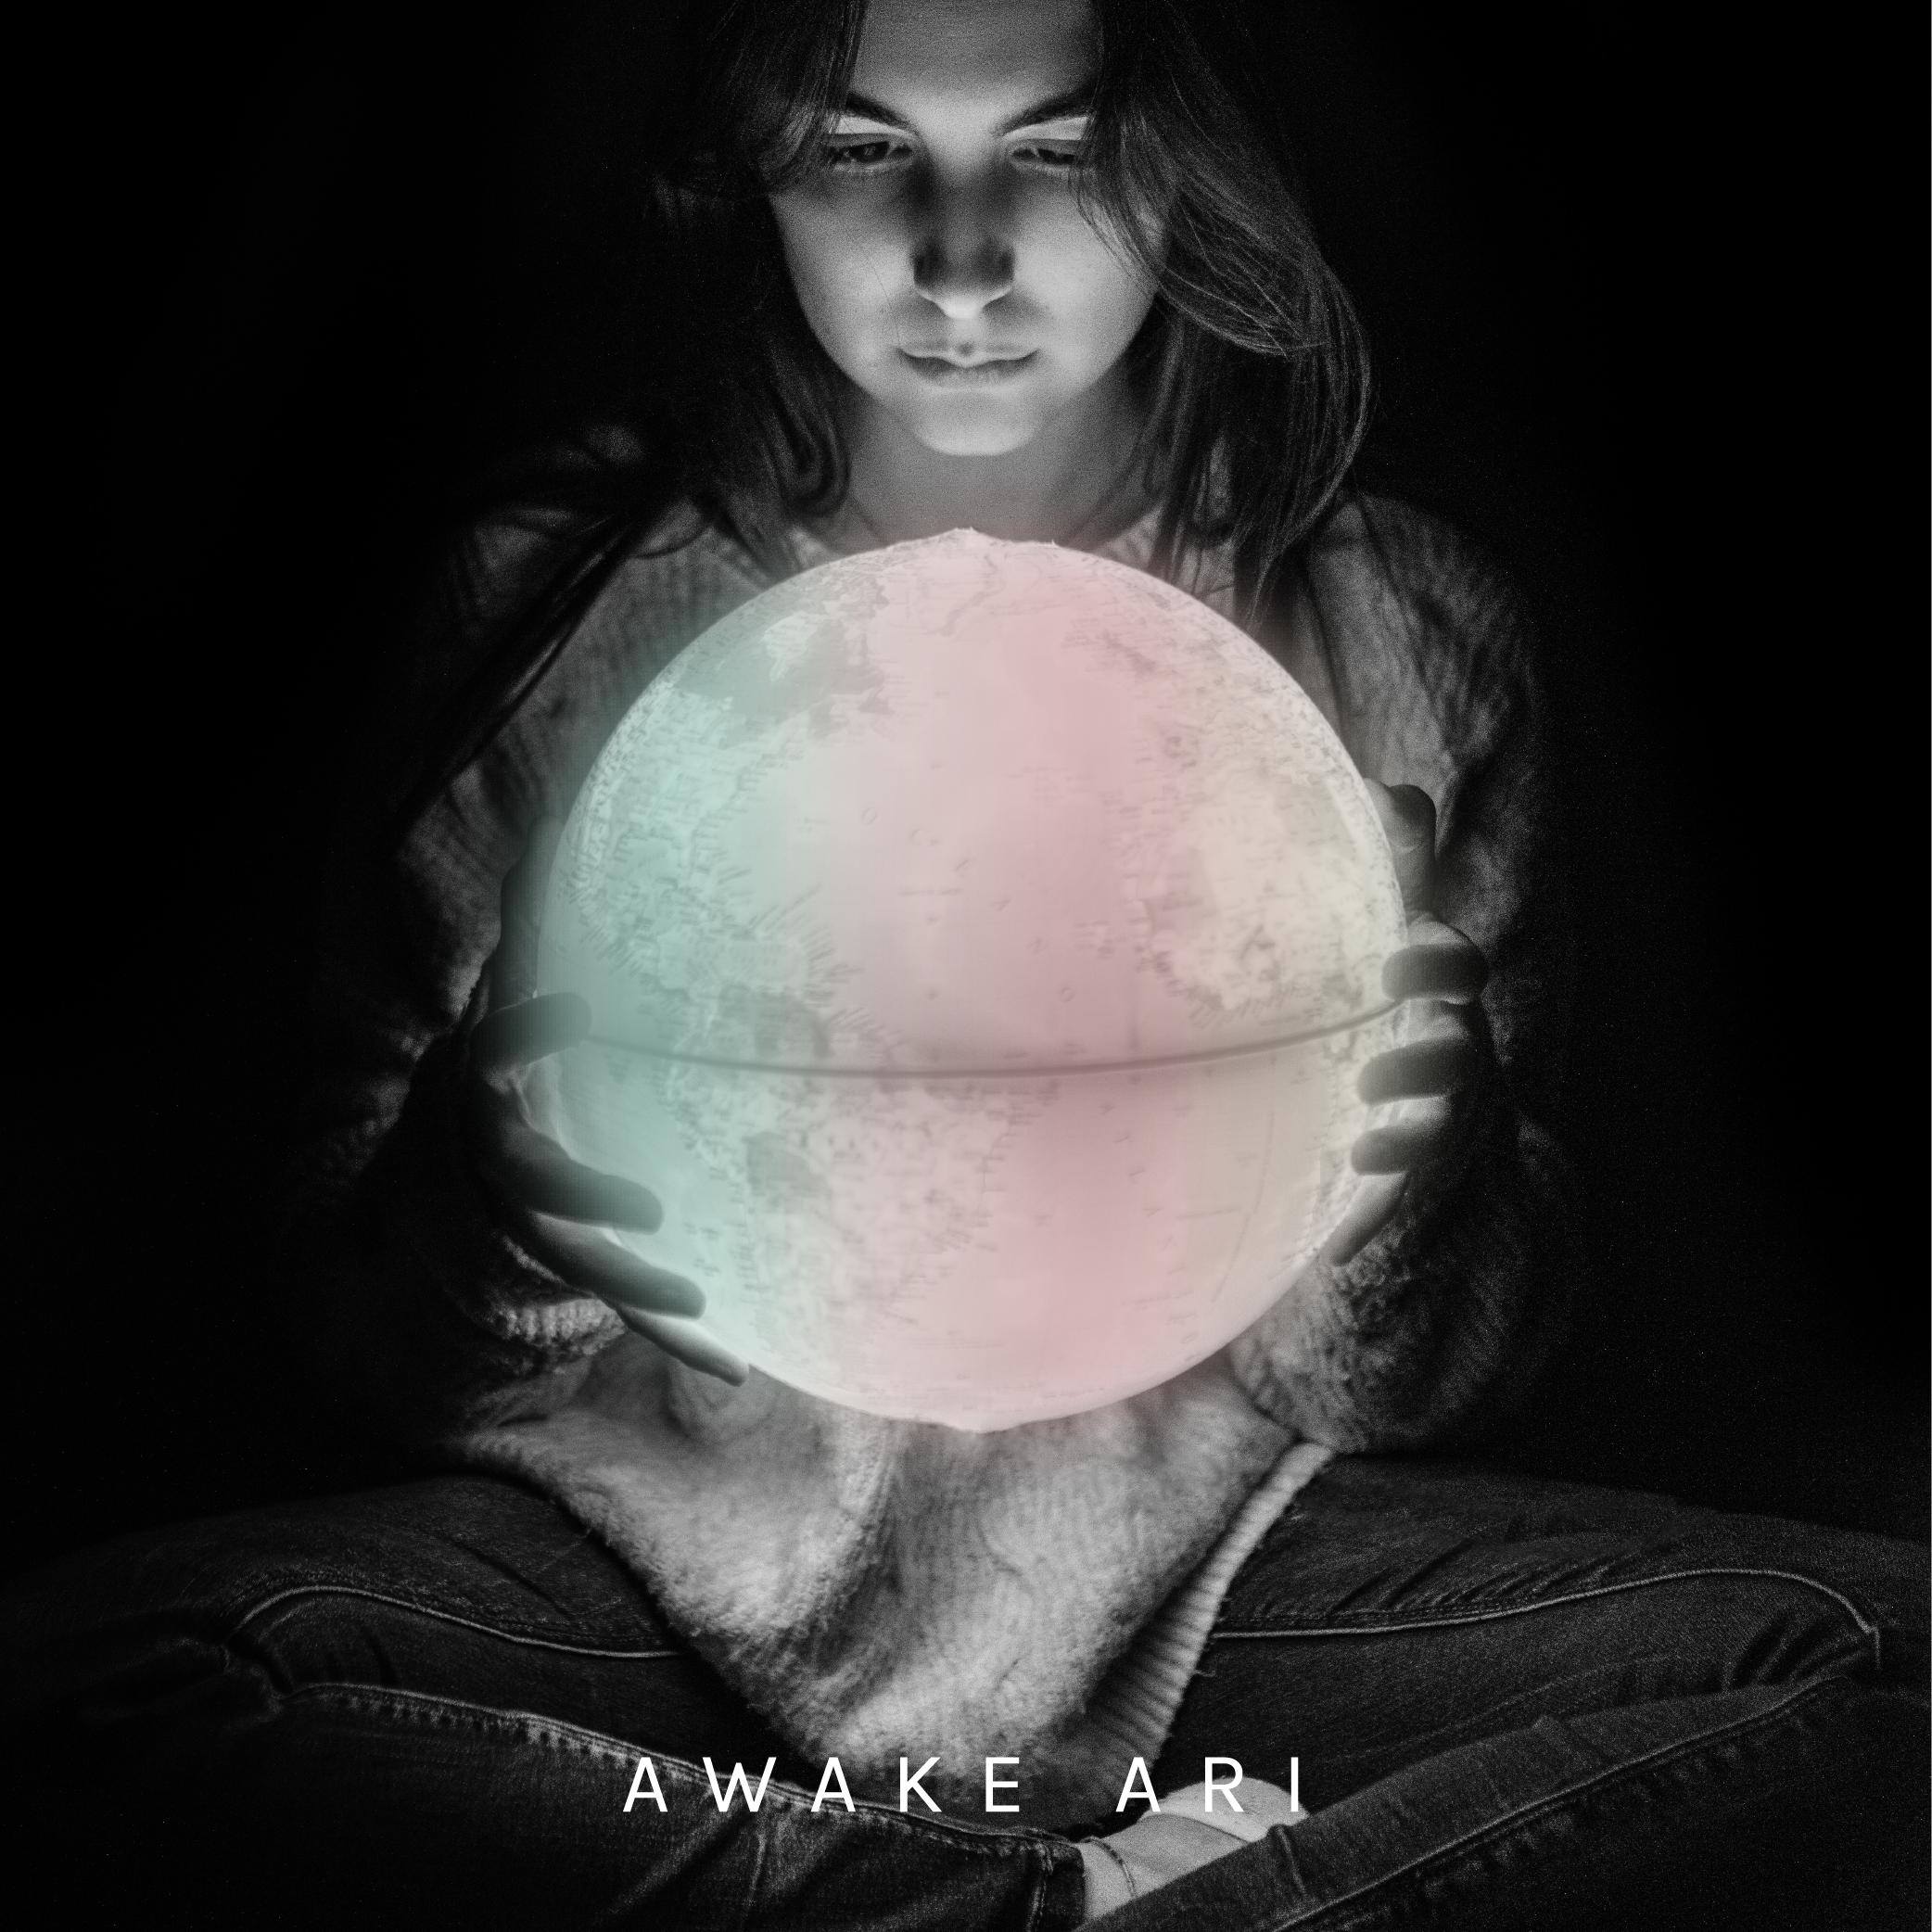 awakearimarch-08.png